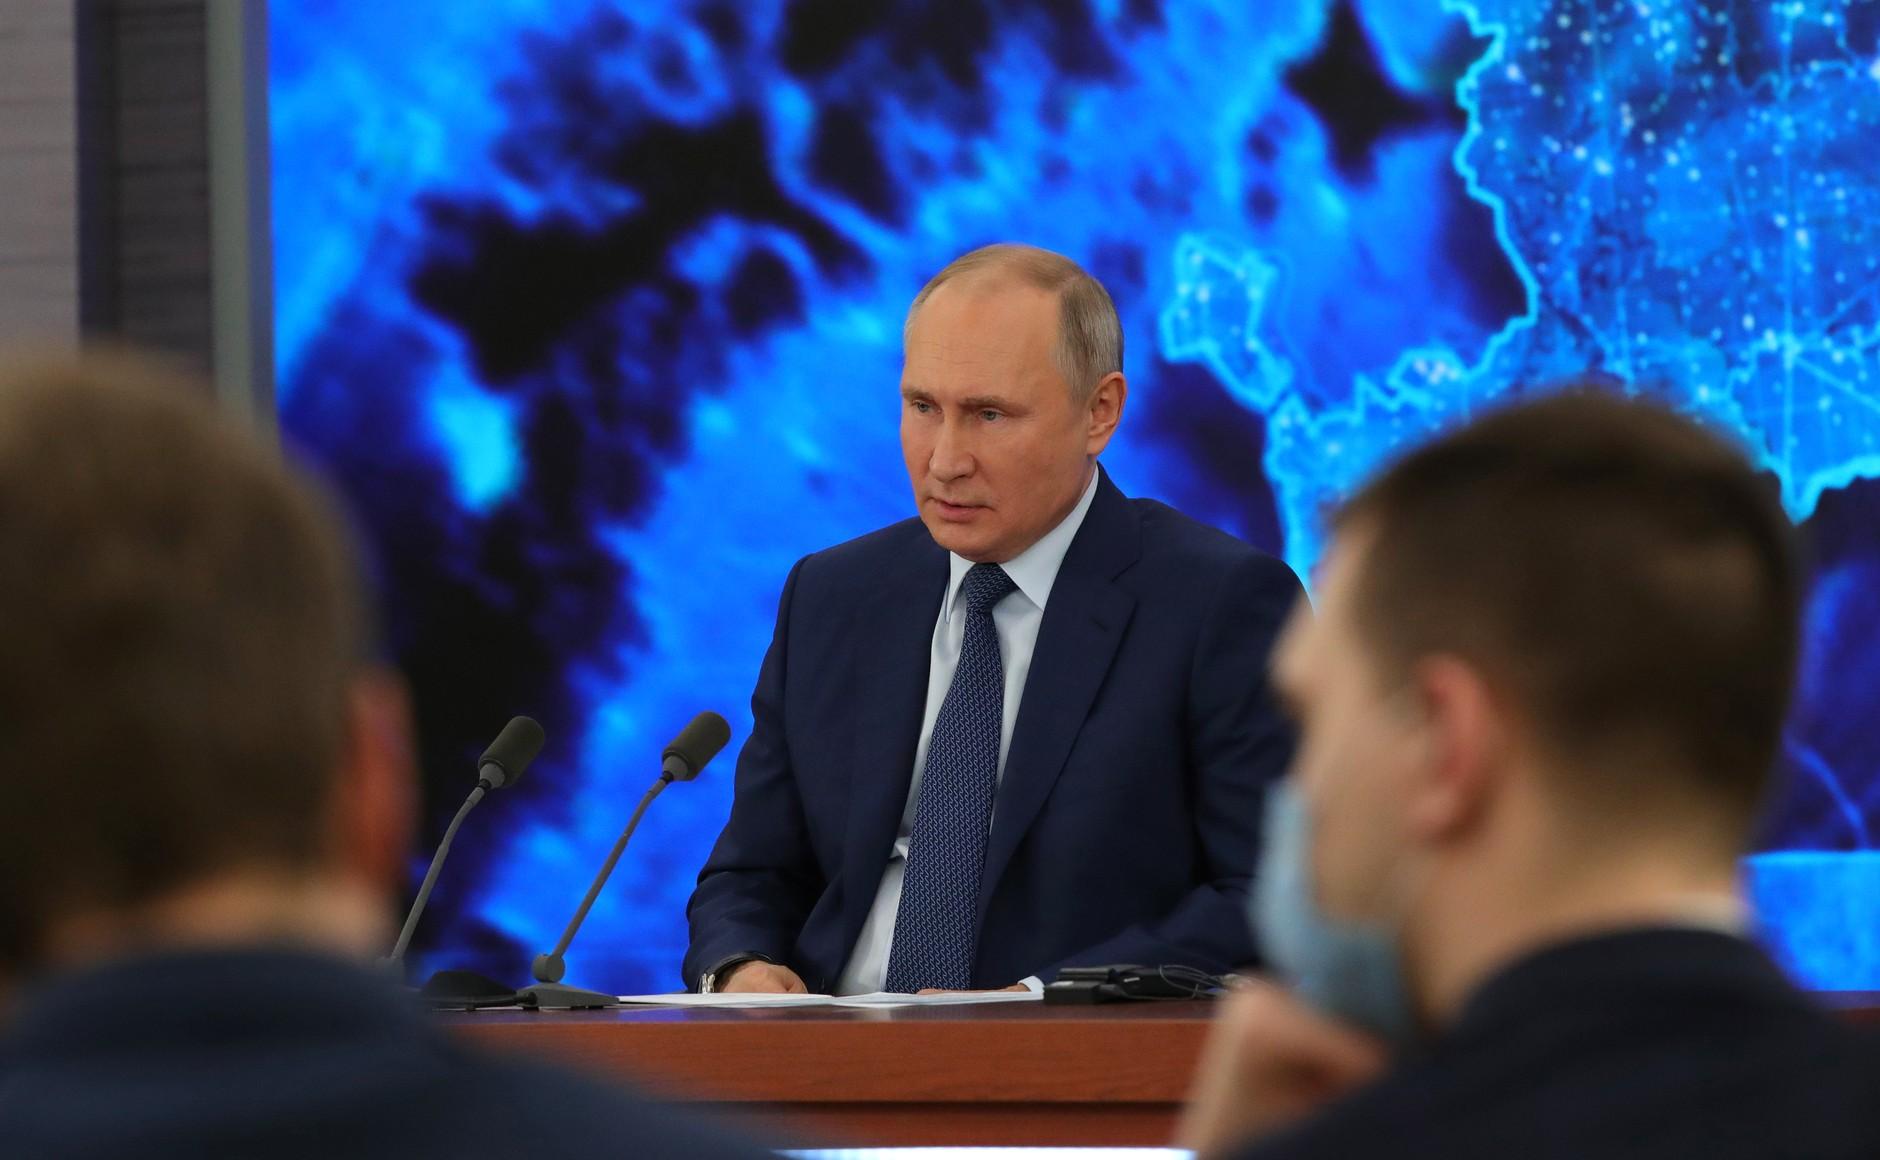 RUSSIE 17.12.2020.CONFERENCE 48 XX 66 Avant le début de la conférence de presse annuelle de Vladimir Poutine.